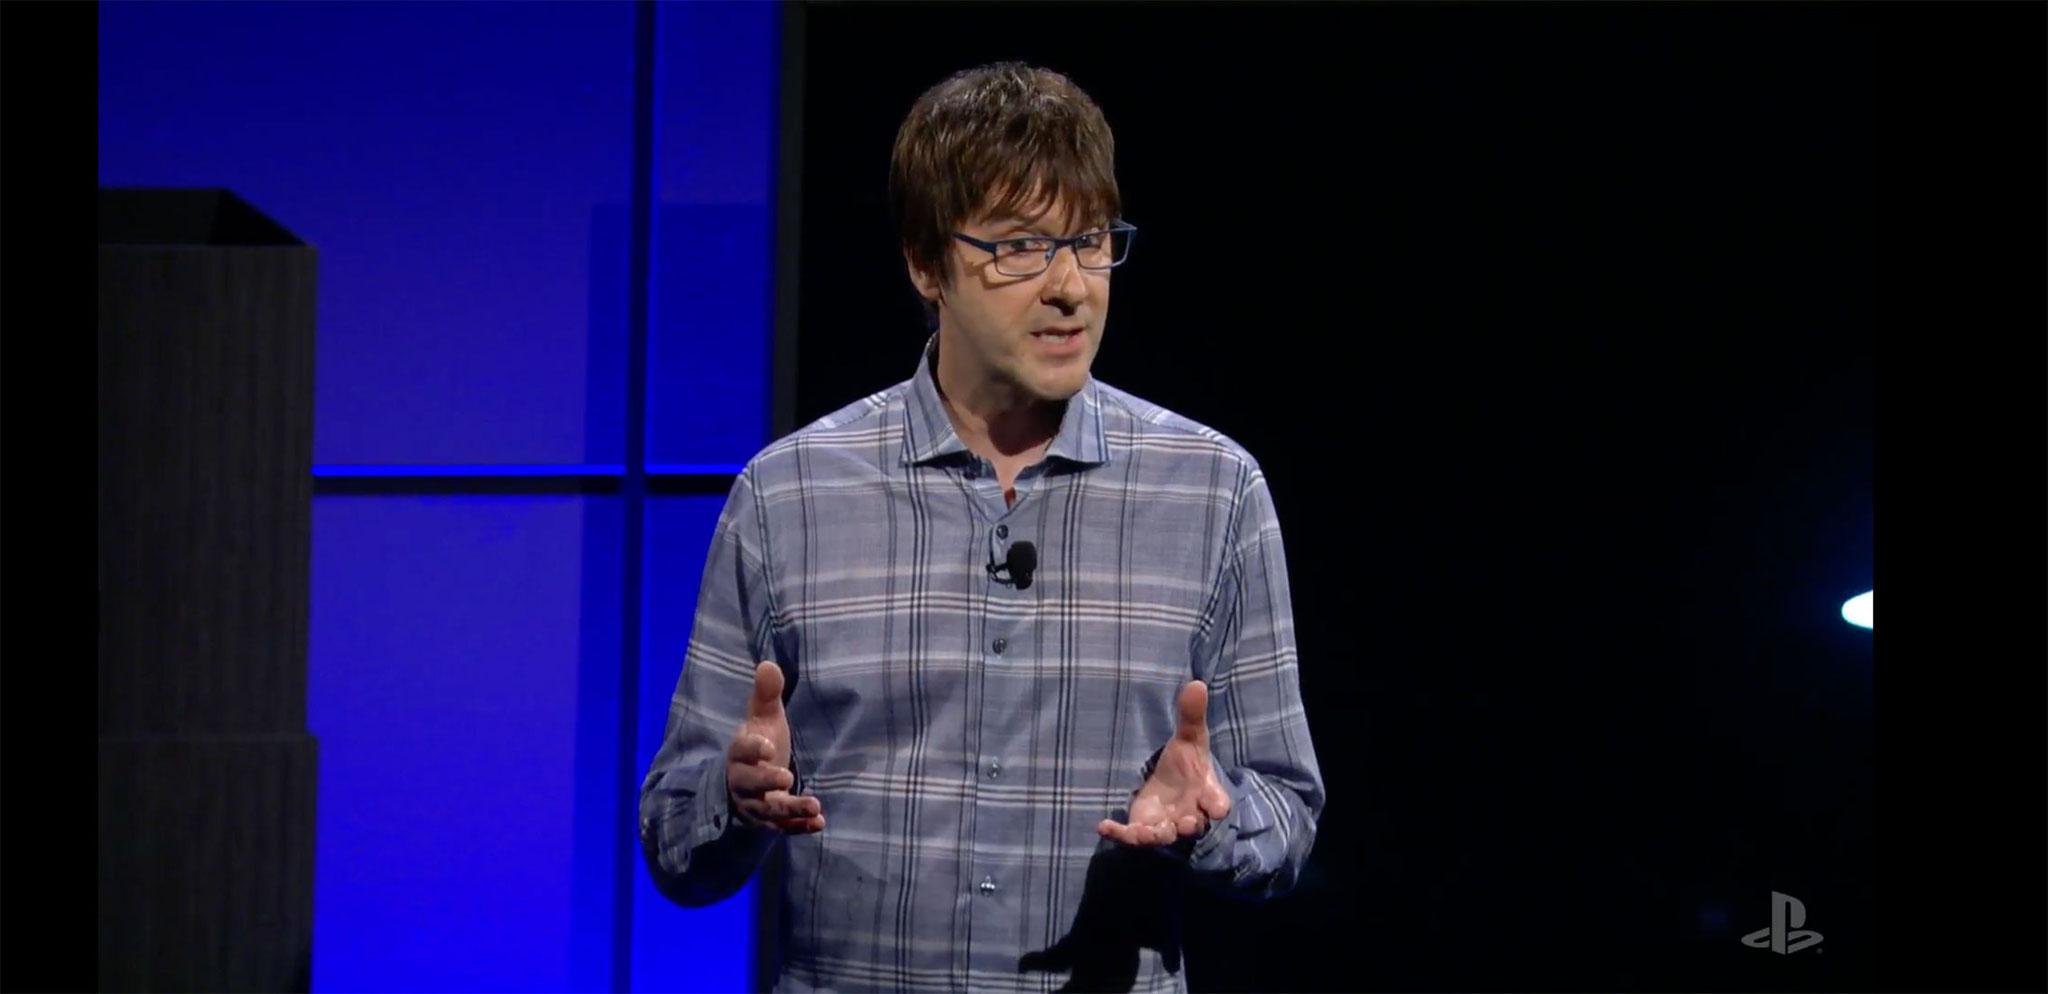 """Hat mit fast schon hypnotischer Stimme durch die erste Vorführung der """"Pro"""" geführt: PS4-Architekt Mark Cerny."""